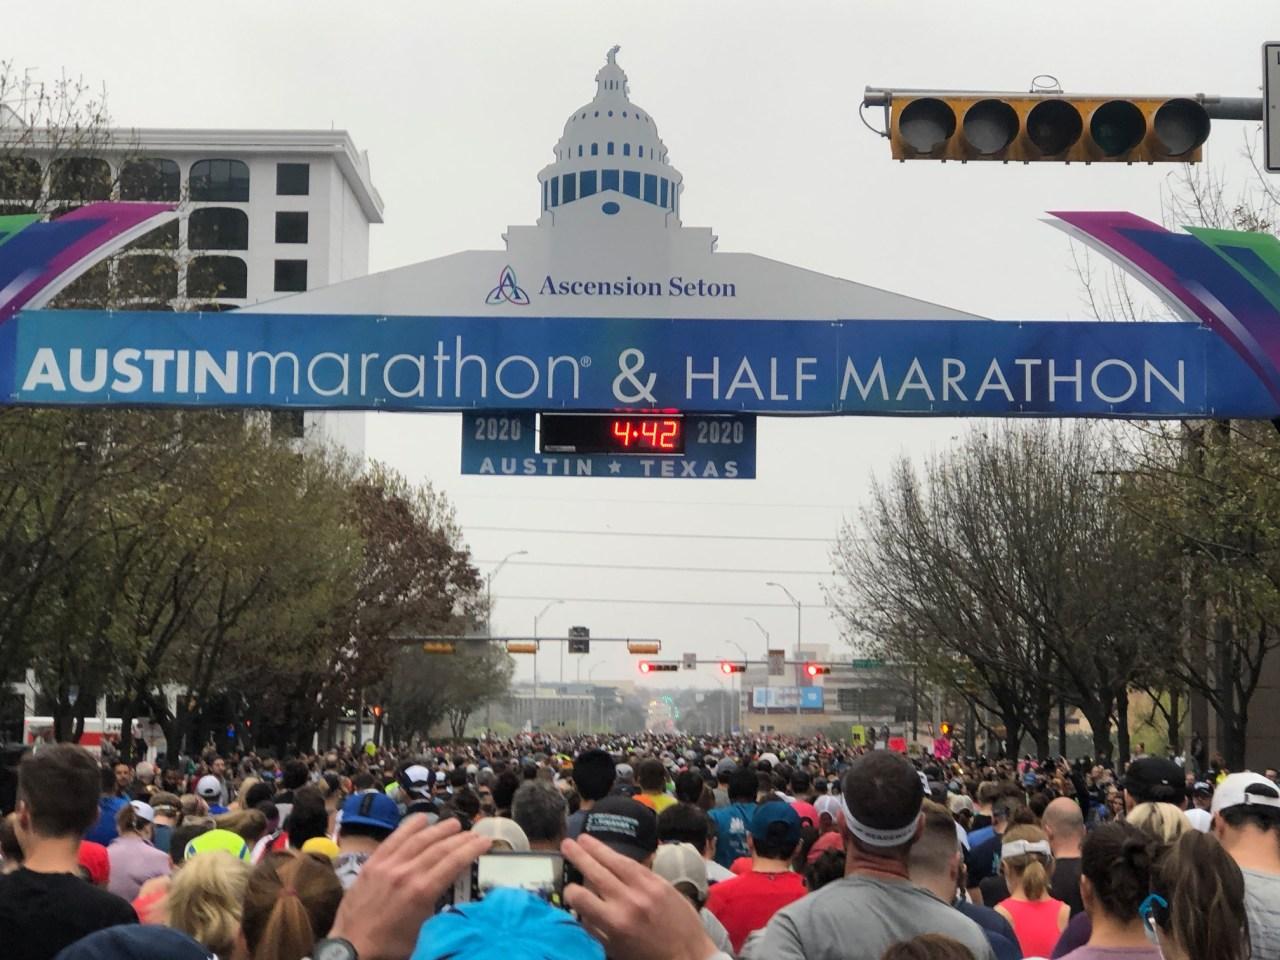 2020 Austin Marathon was delayed due to 'traffic safety concerns'